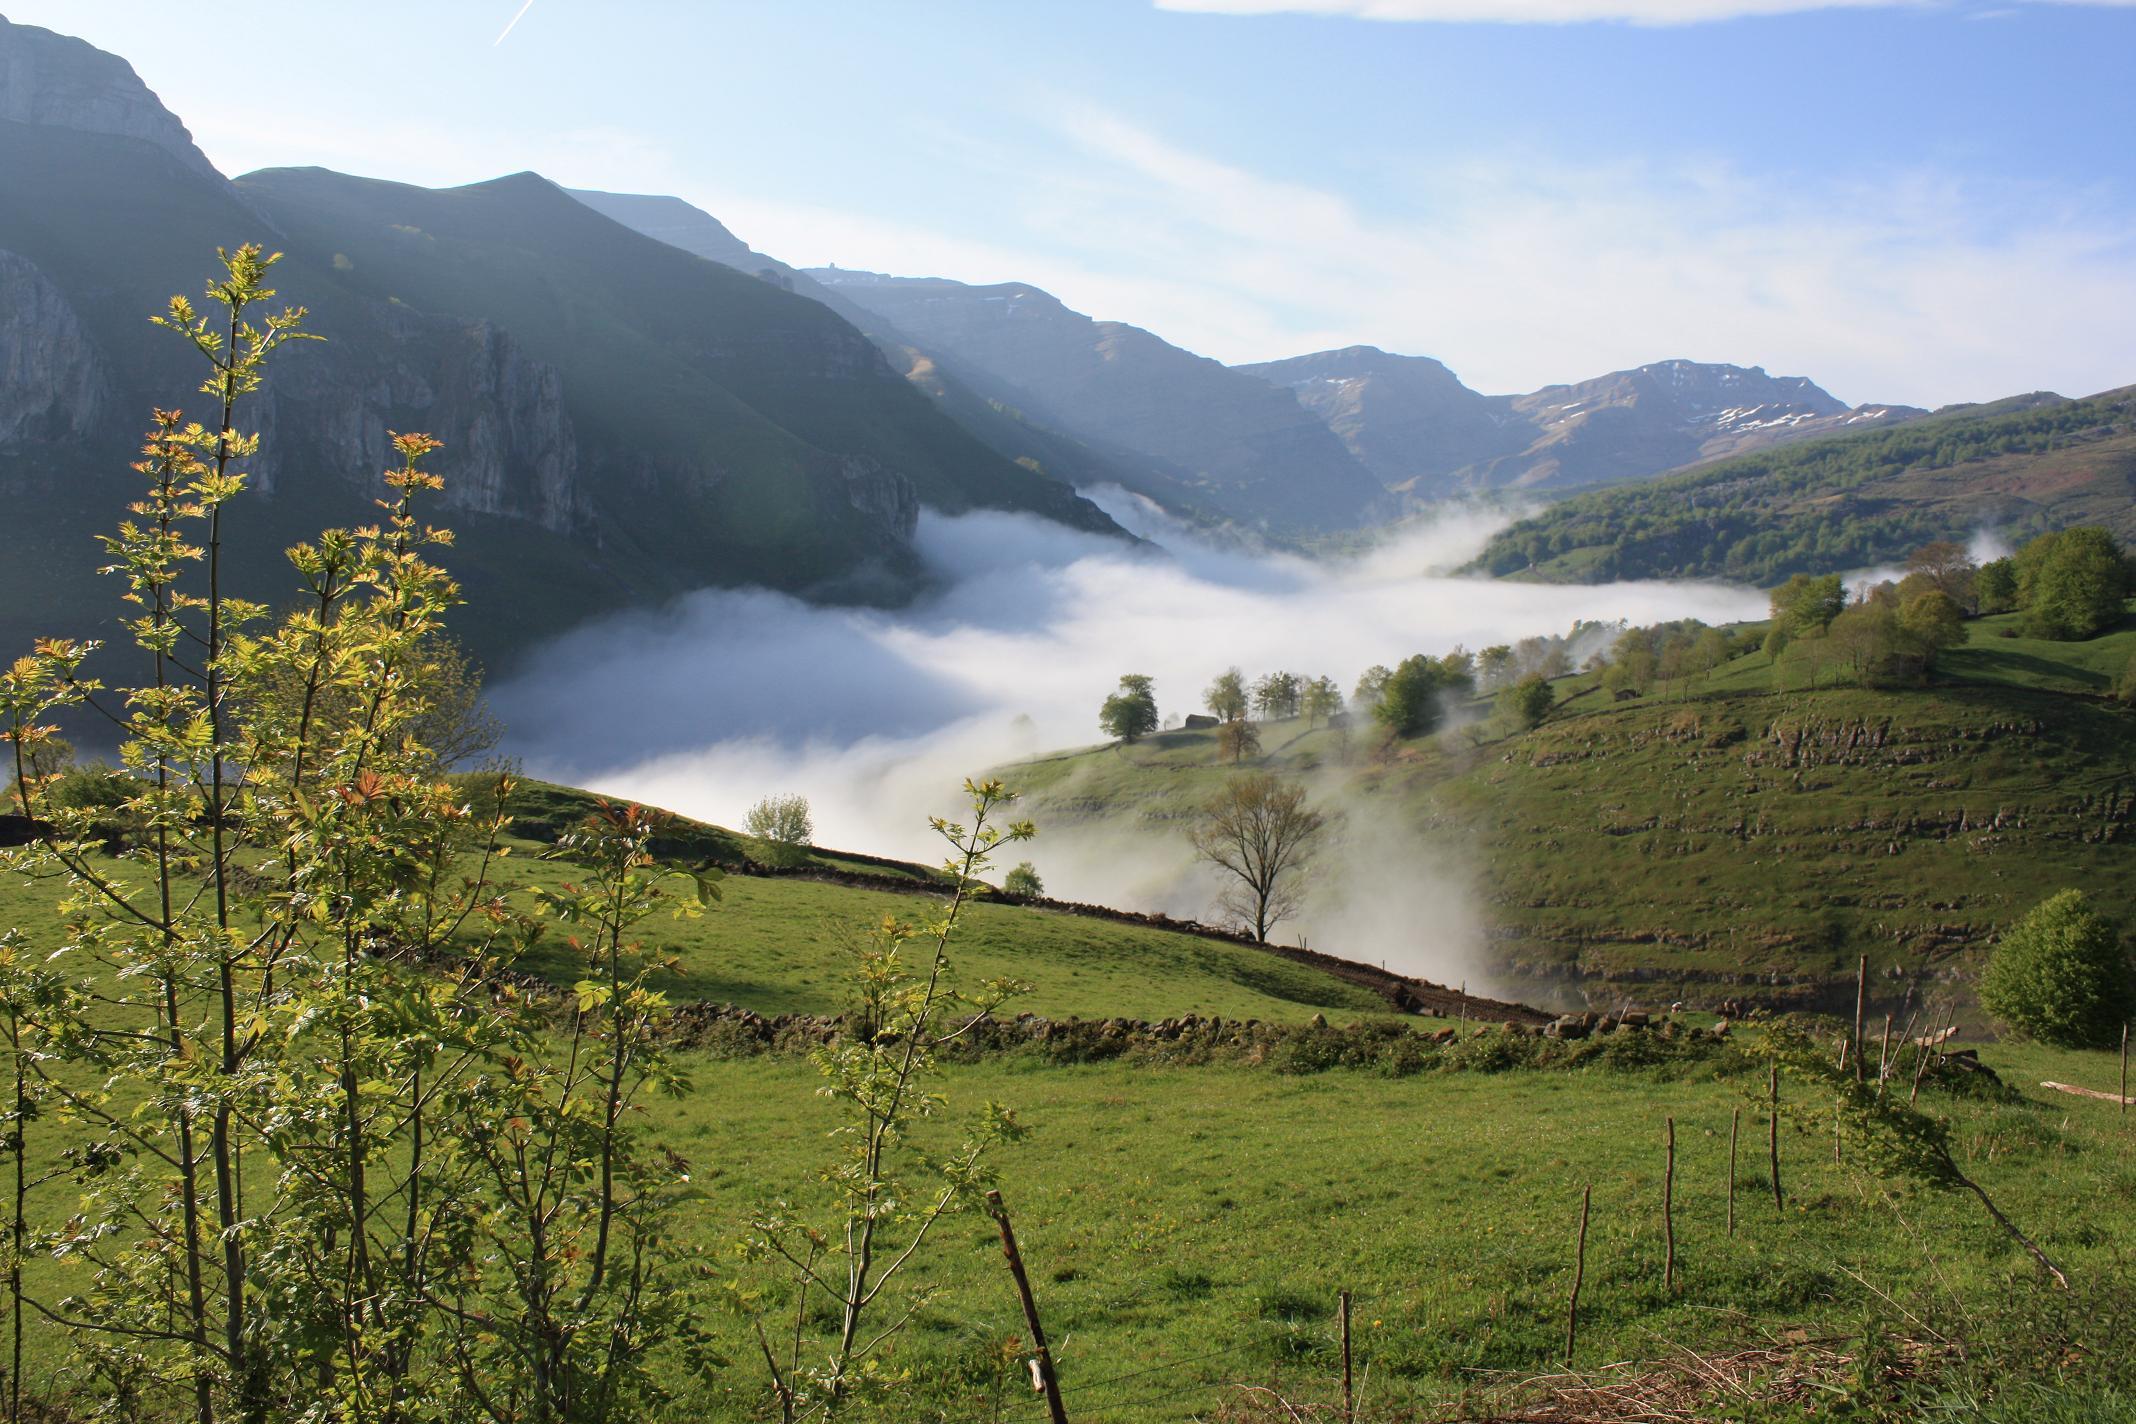 Valle del rio miera agroturismo albergue alto miera - Contactos cerdanyola del valles ...